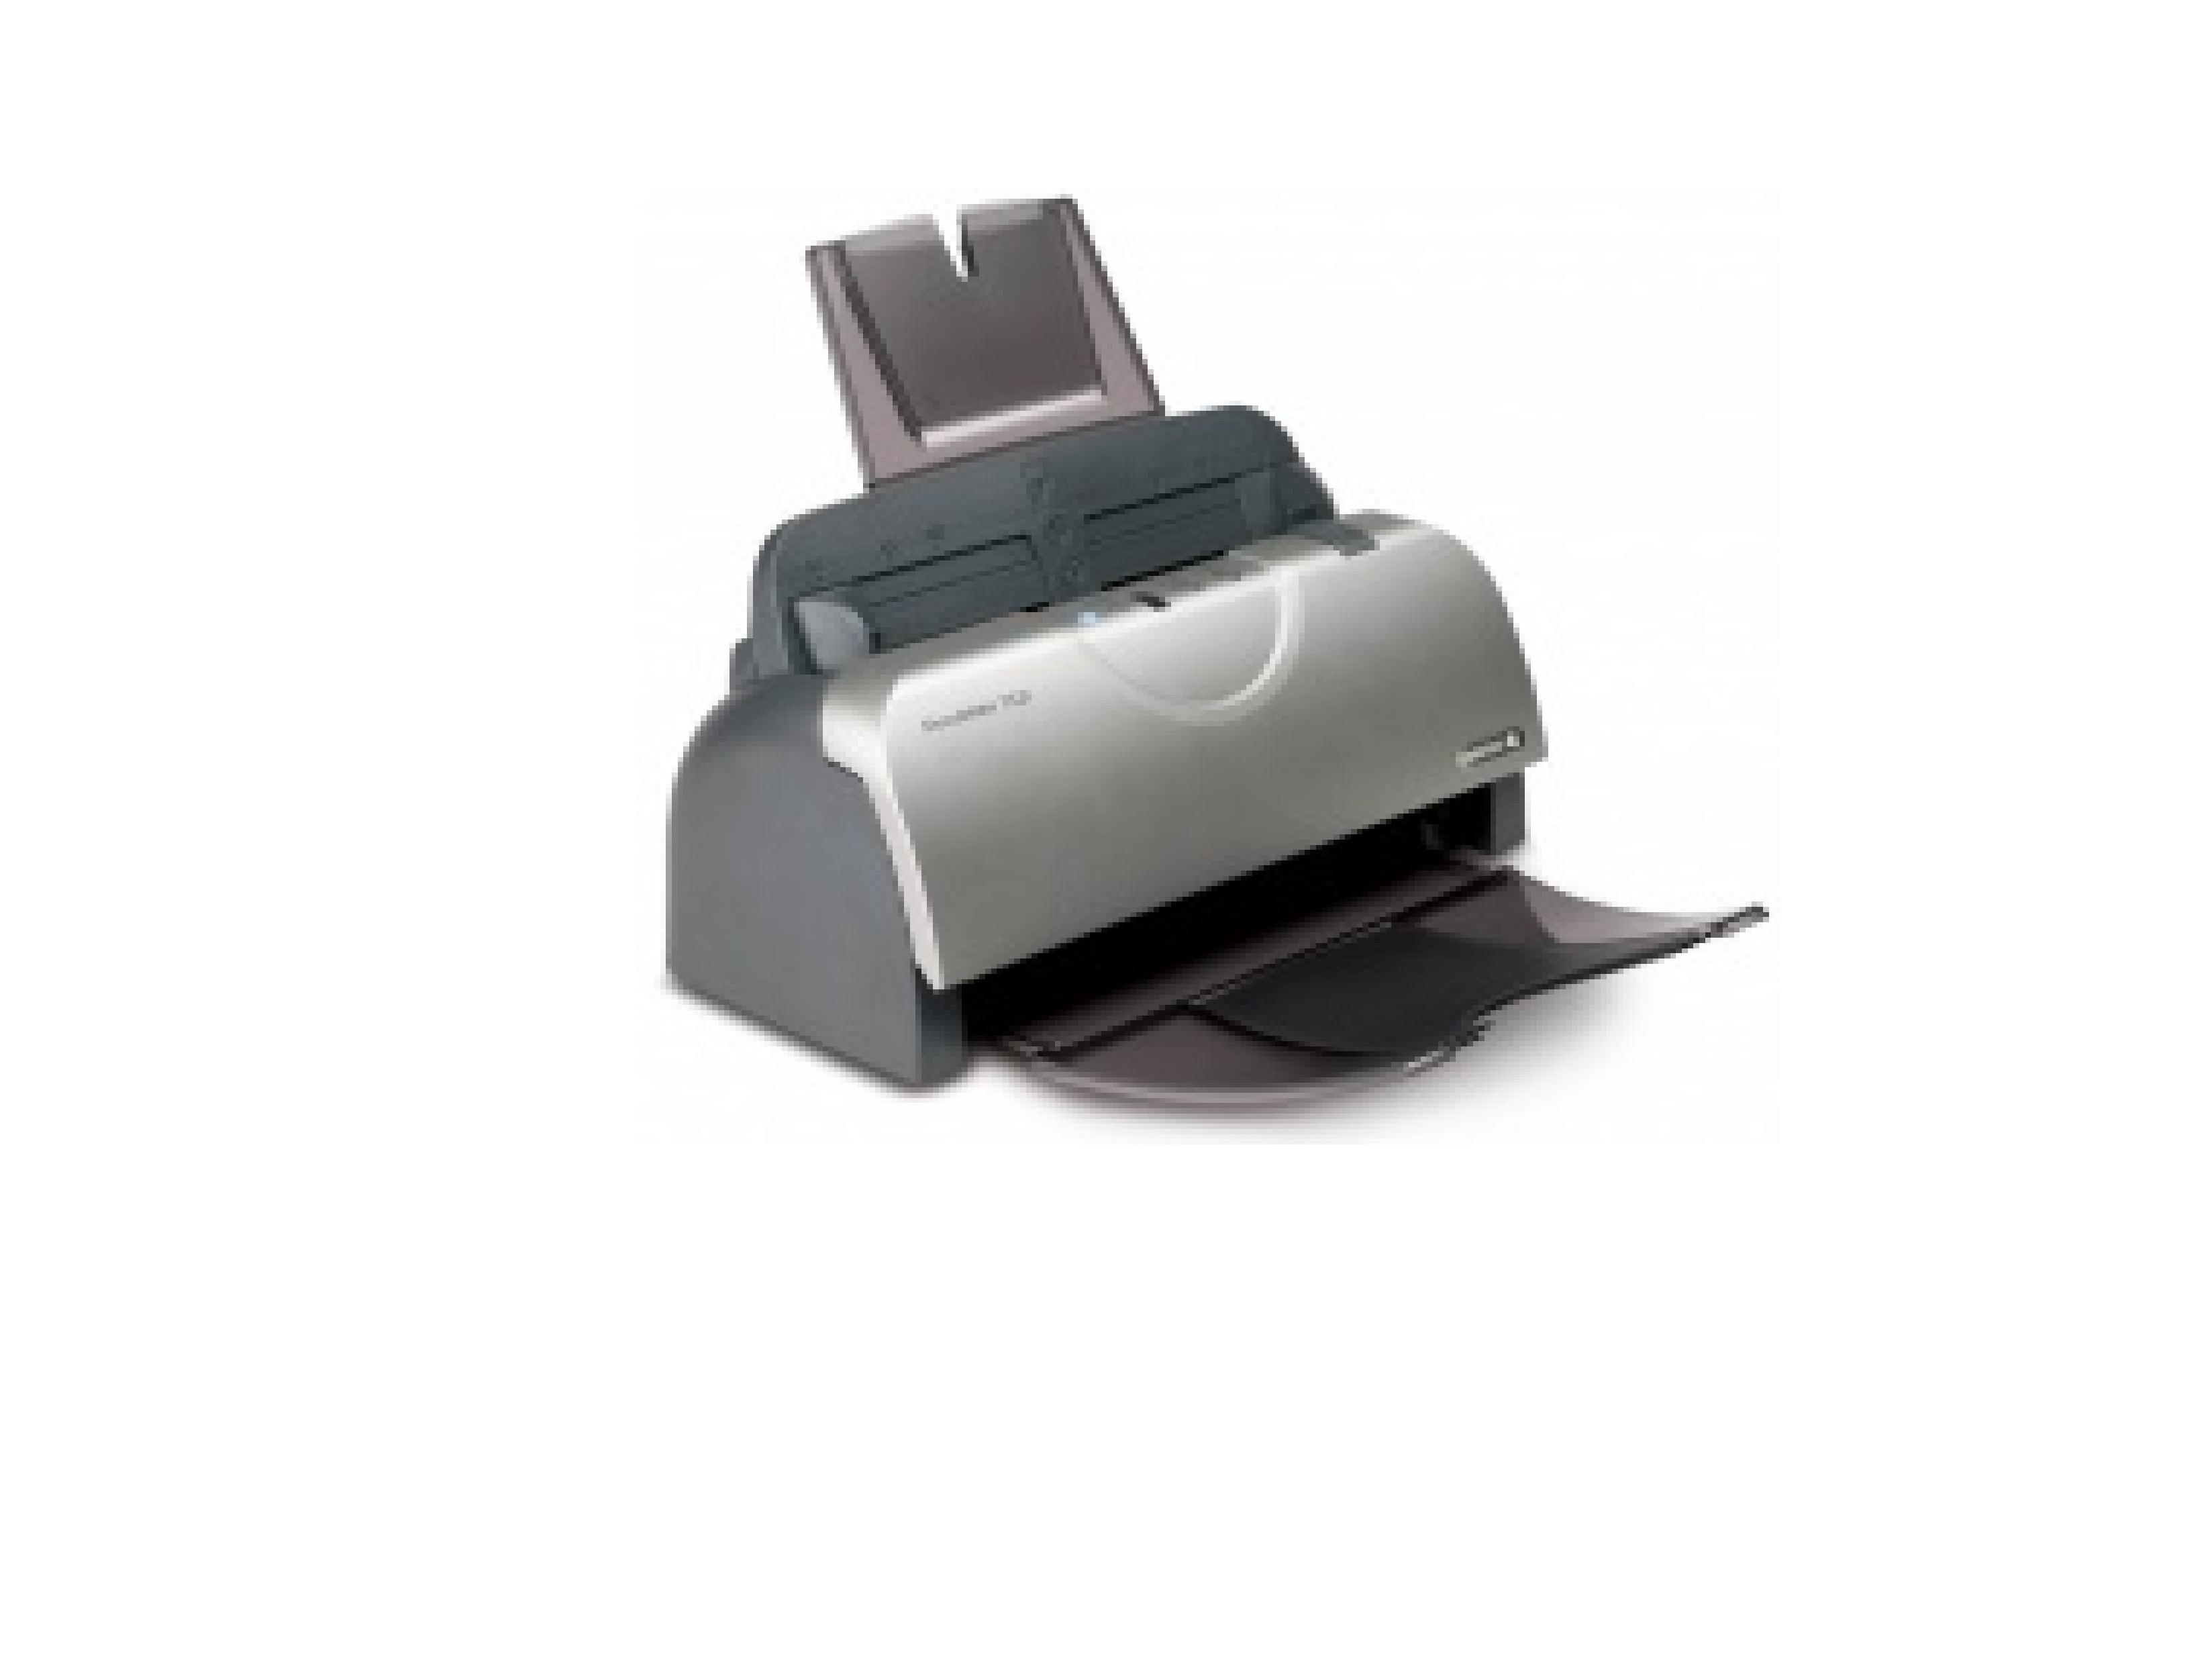 Сканер Xerox DocuMate 152i (A4)